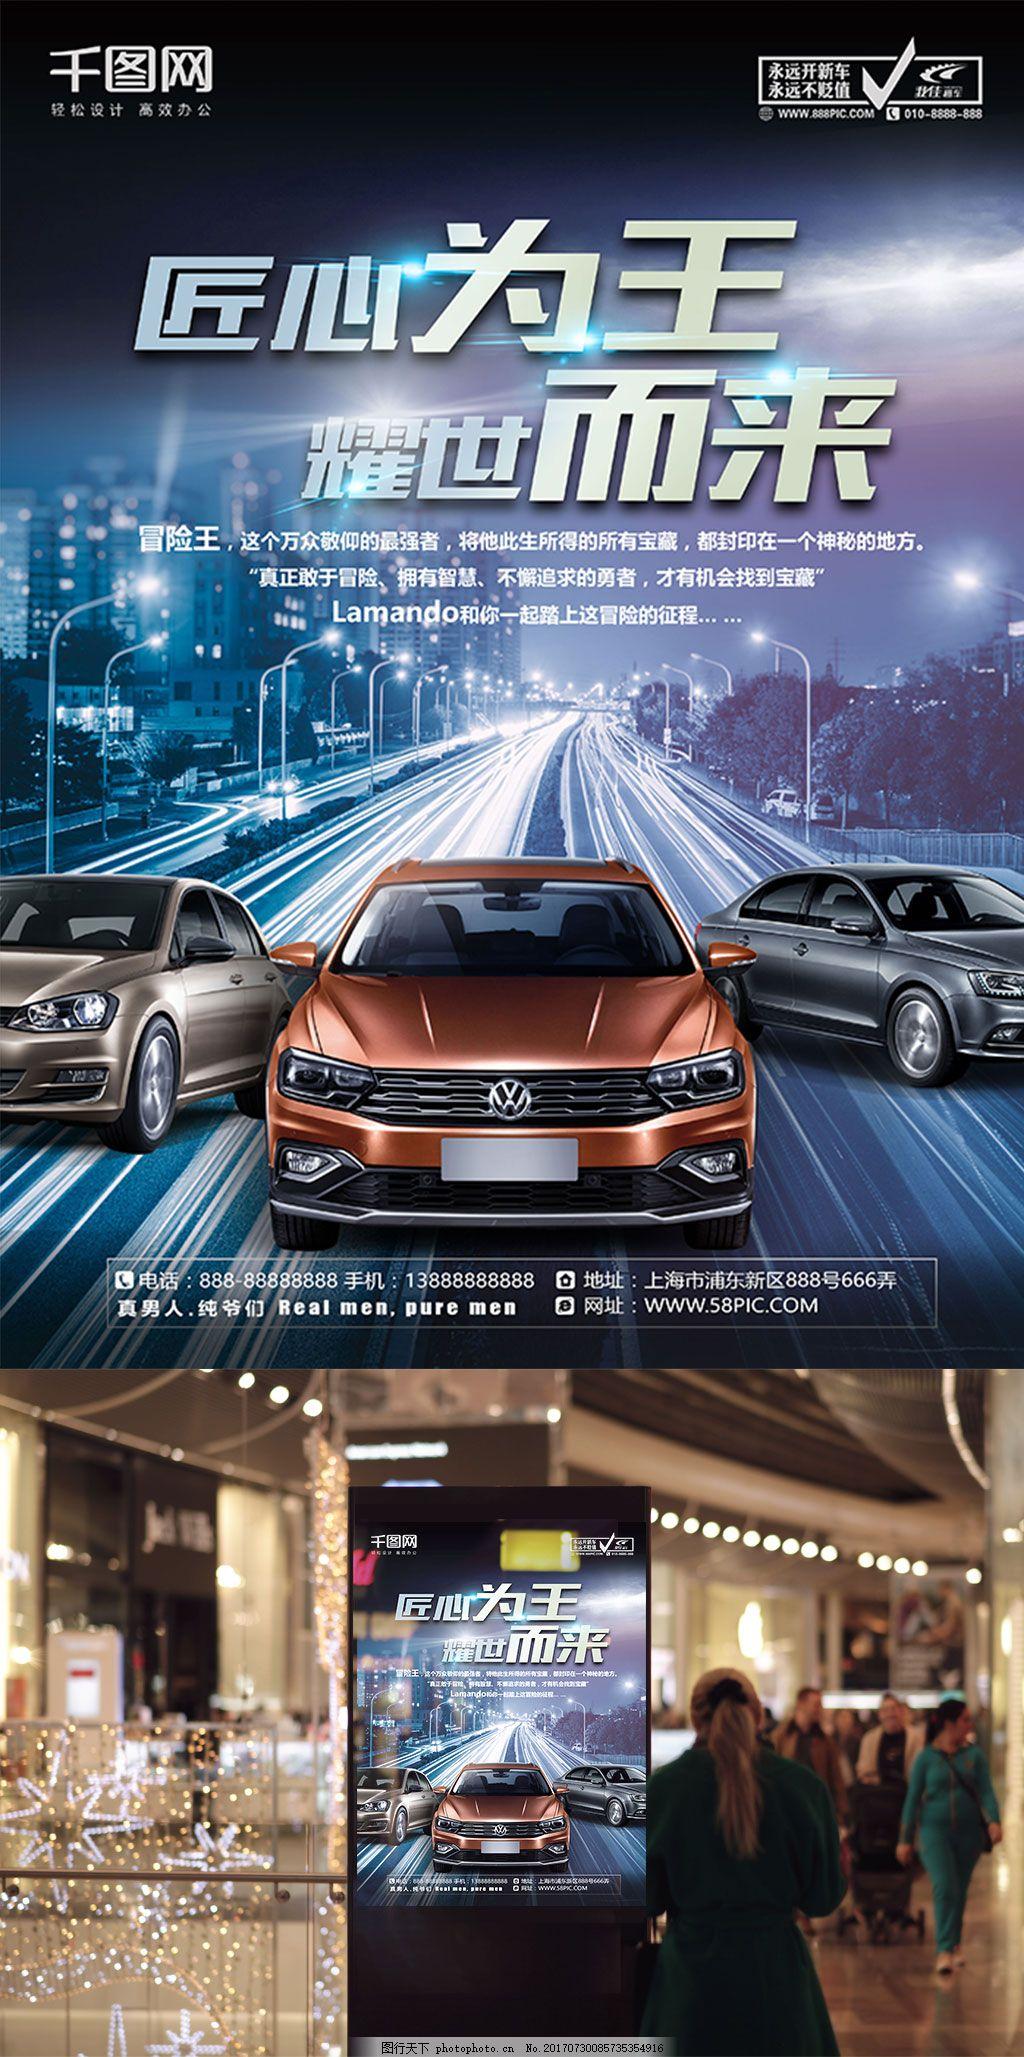 匠心为王耀世而来汽车宣传海报 购车 汽车宣传单 车展 车展海报